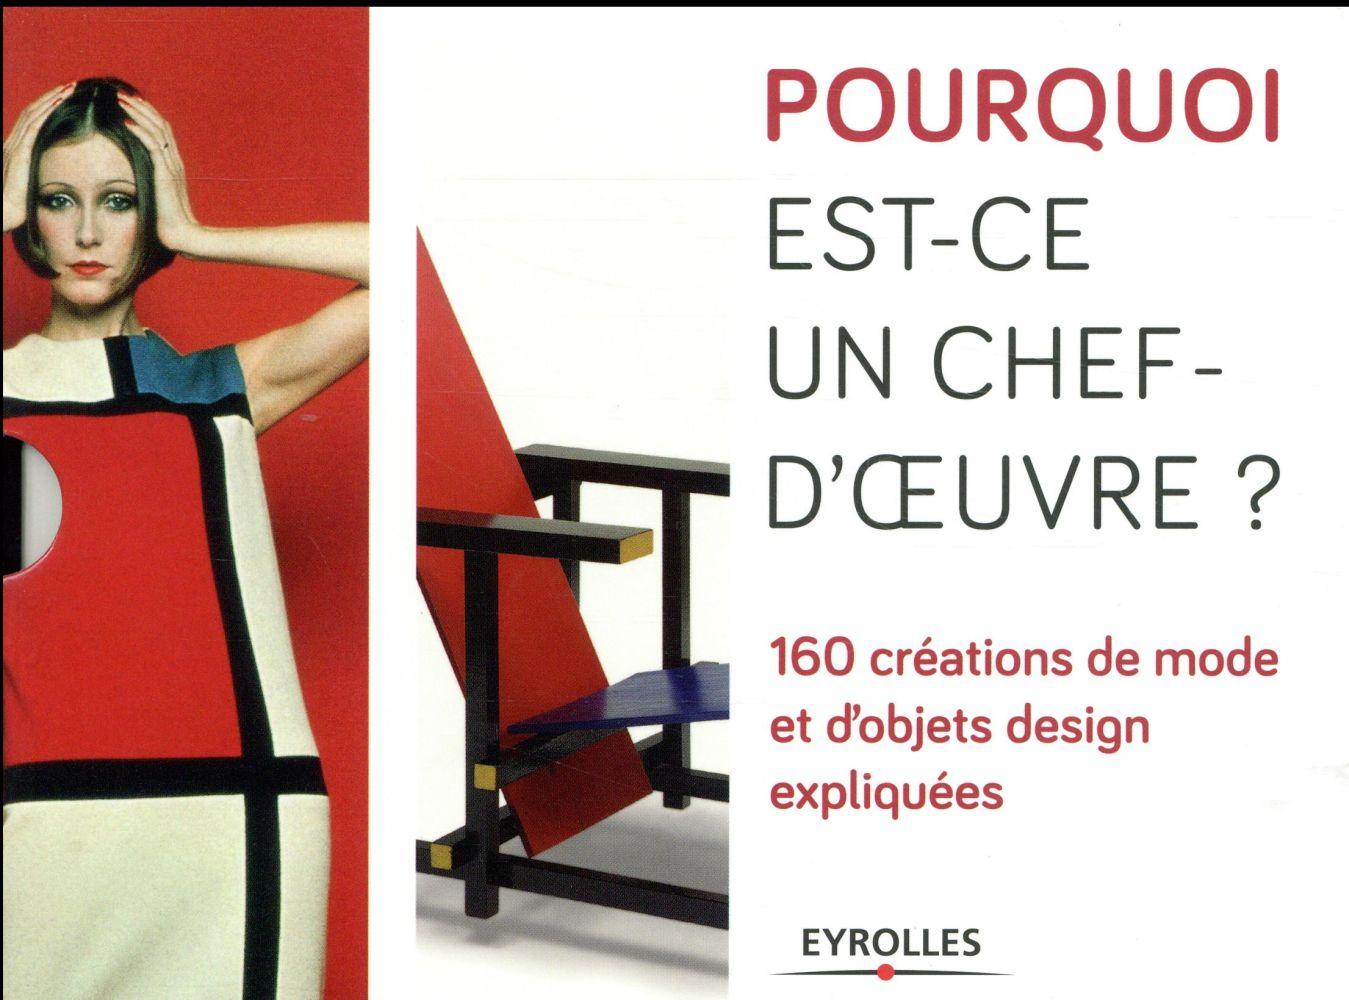 Pourquoi est-ce un chef d'oeuvre ? ; 160 créations de mode et d'objets design expliquées